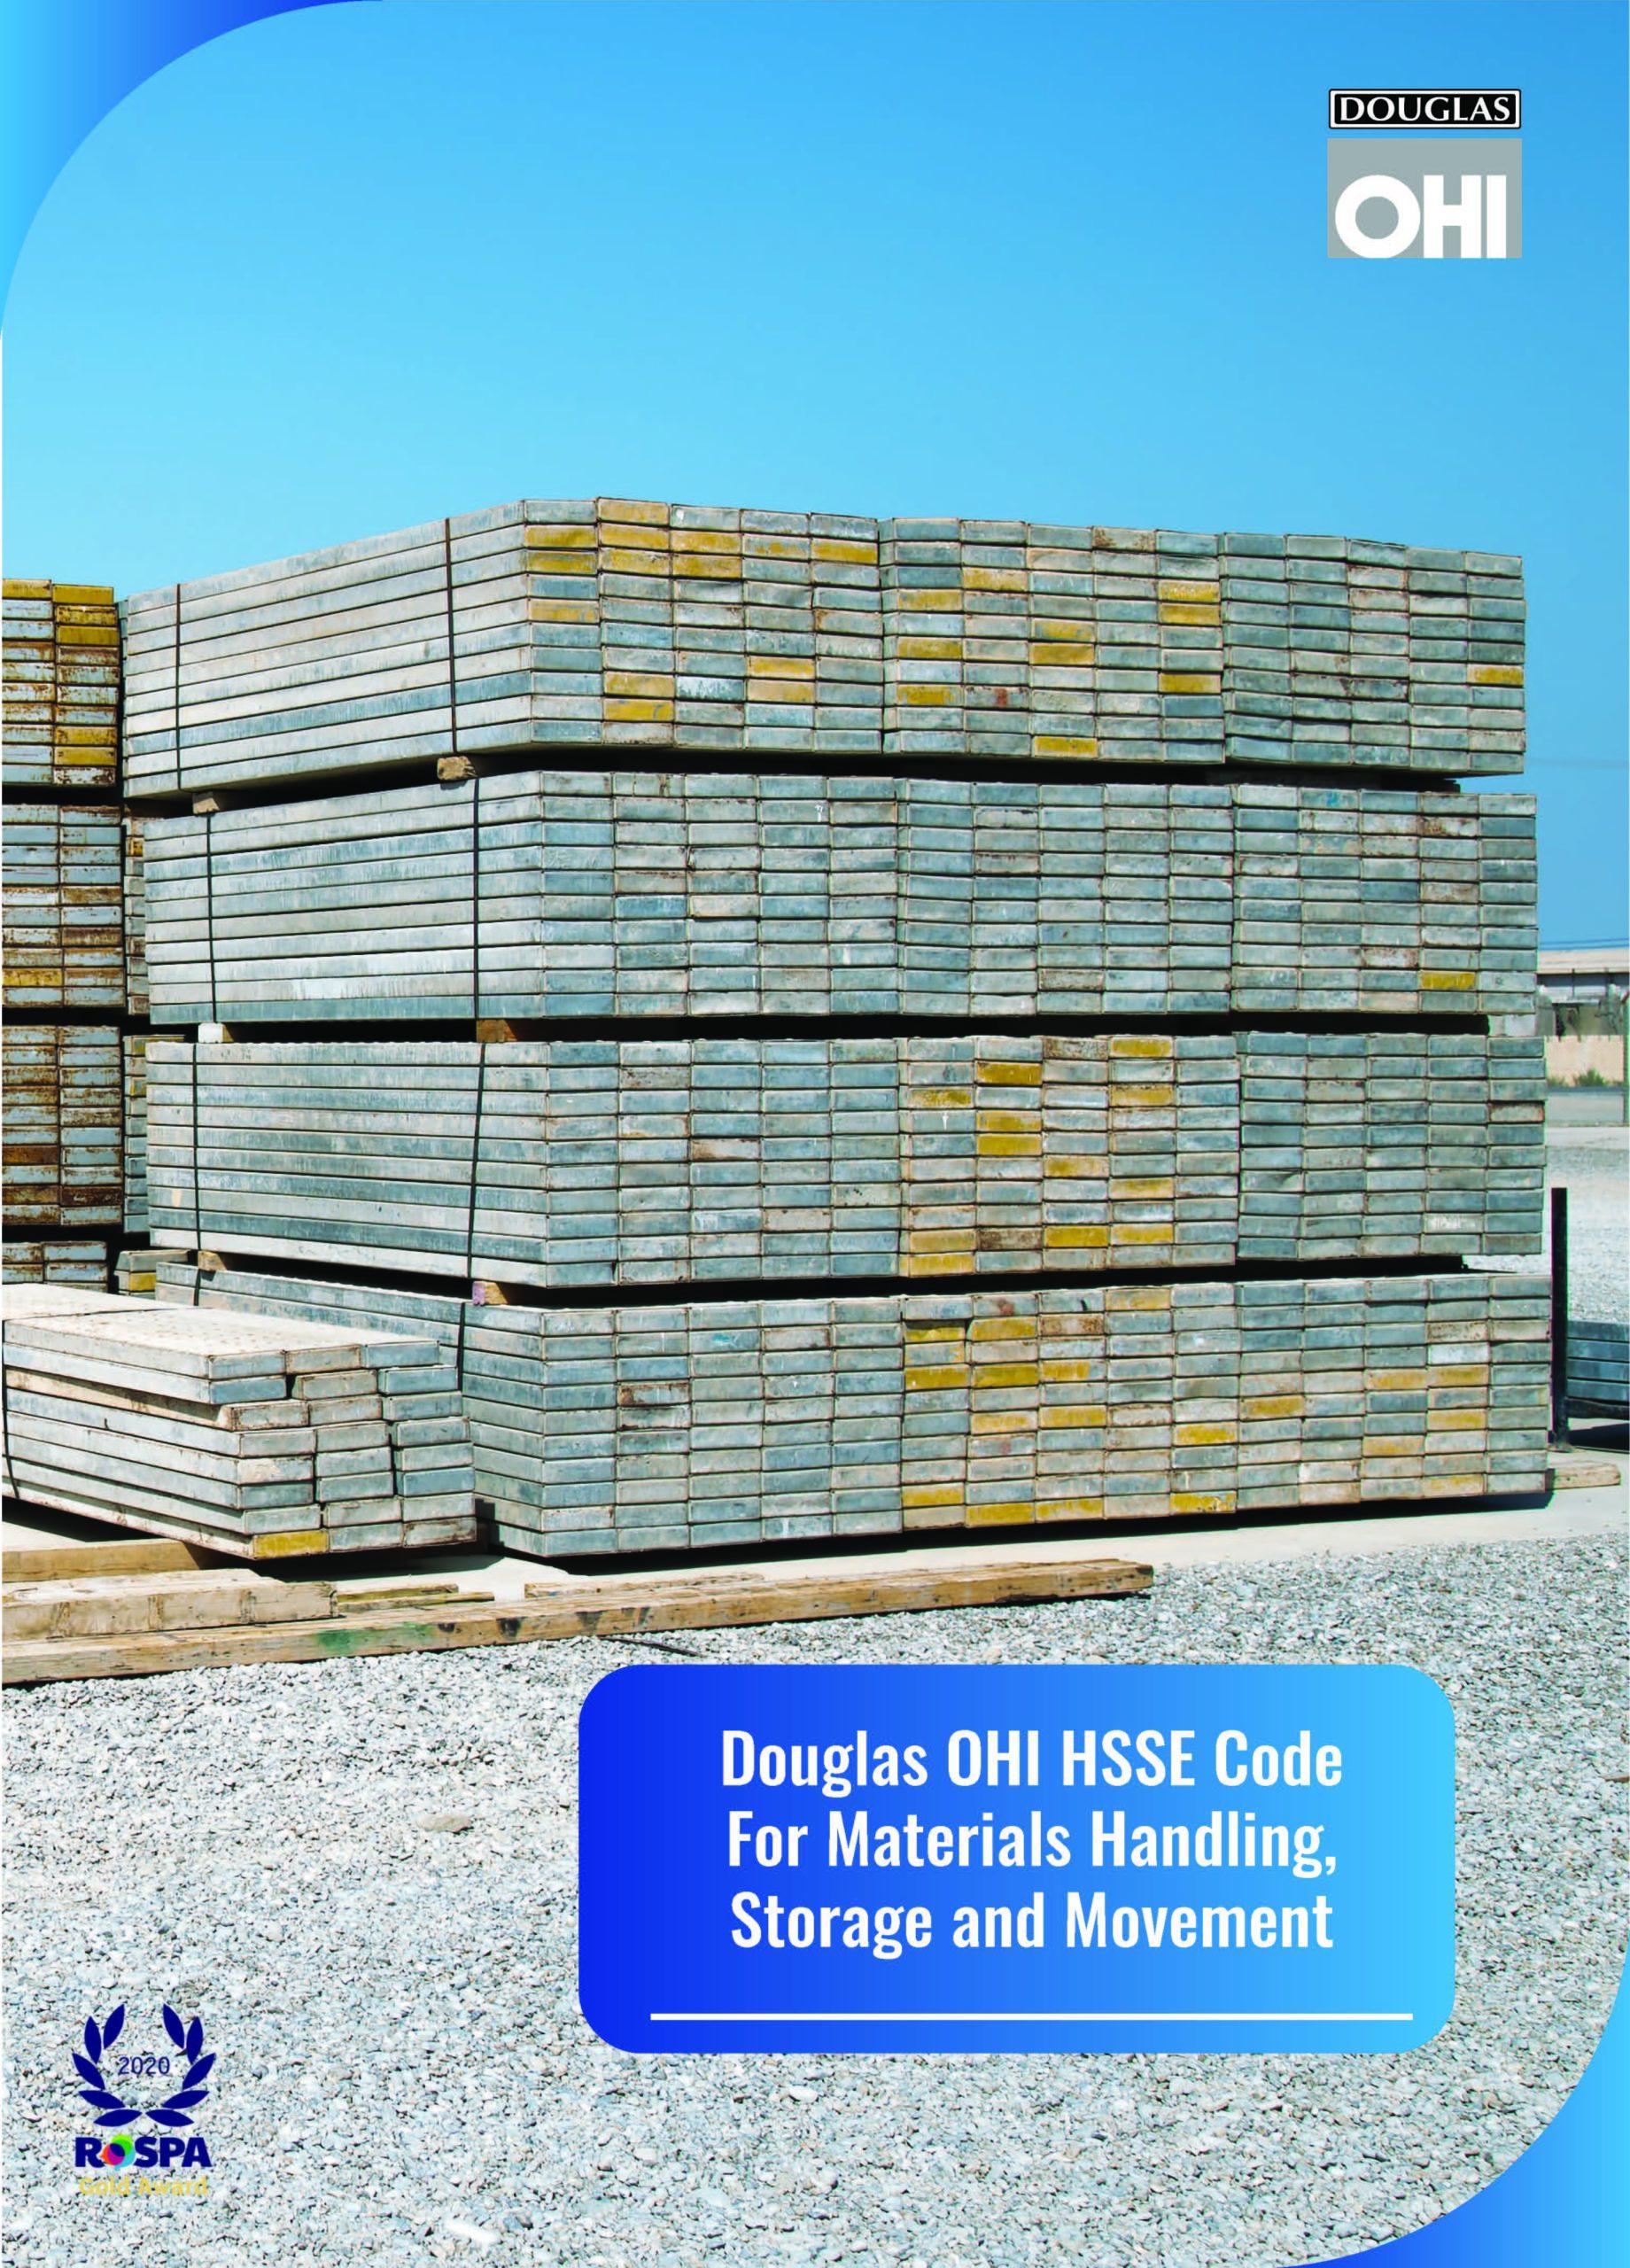 HSSE Codes